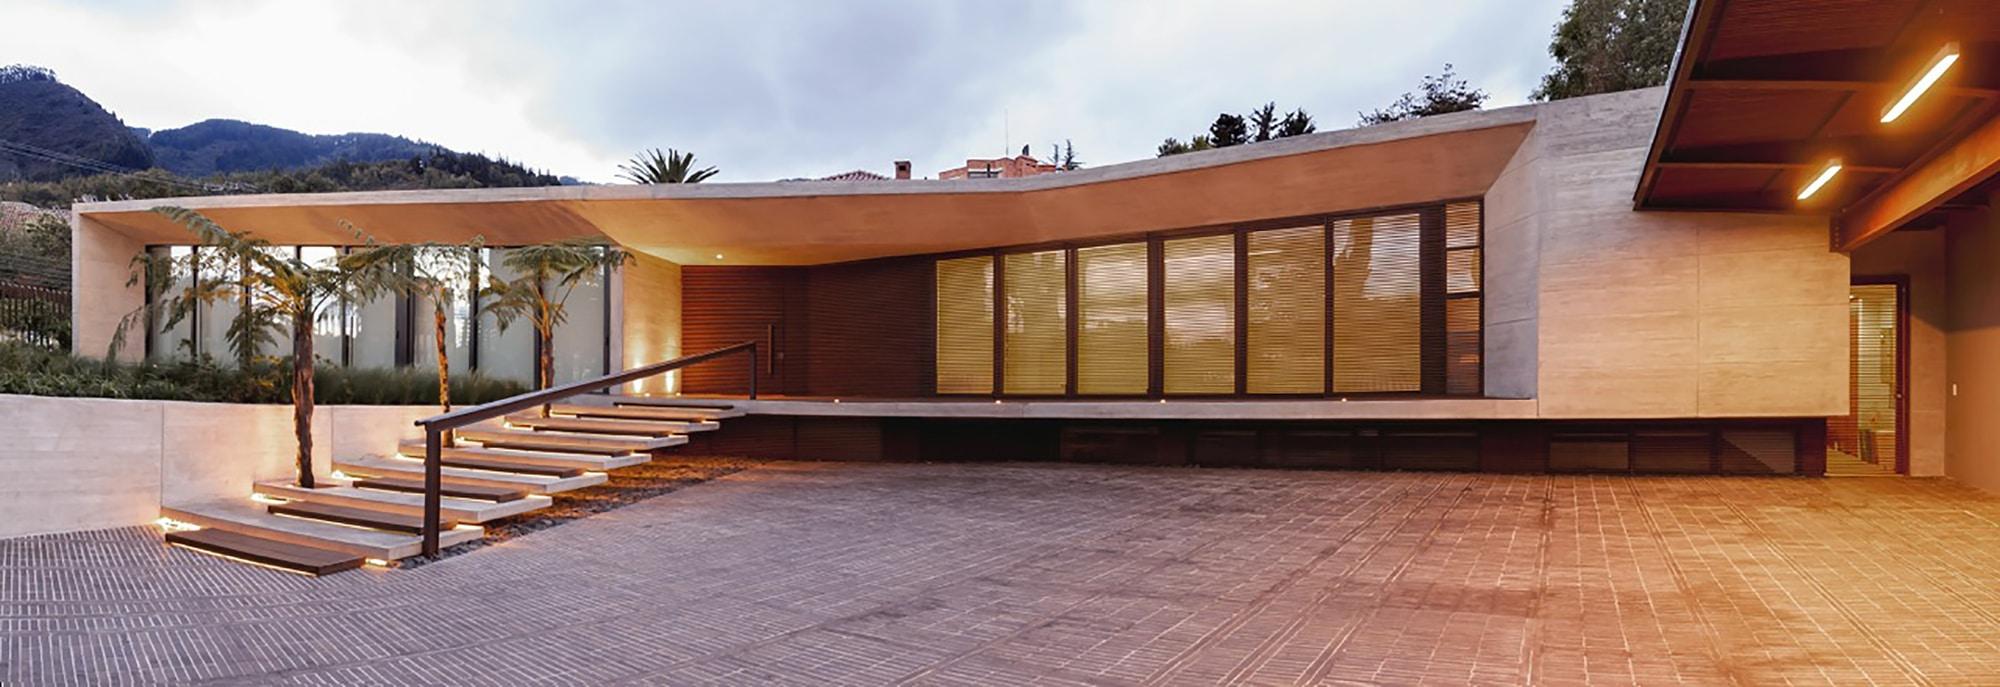 Moderno dise o casa de un piso con planos construye hogar for Arquitectura de casas modernas de una planta